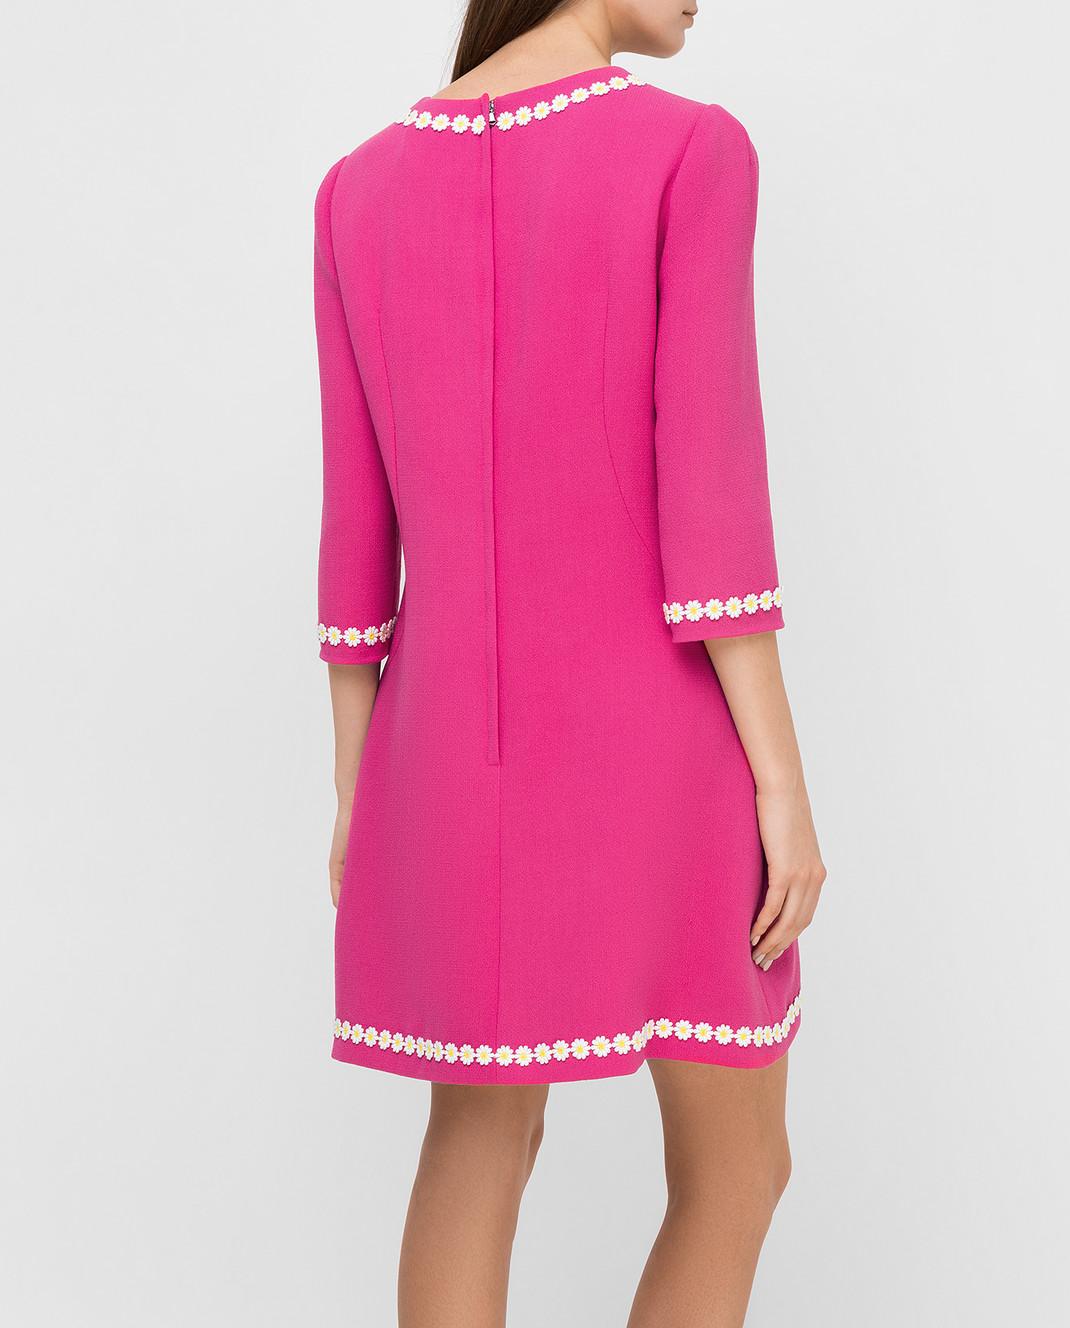 Dolce&Gabbana Розовое платье из шерсти F6UM4ZFU2TZ изображение 4